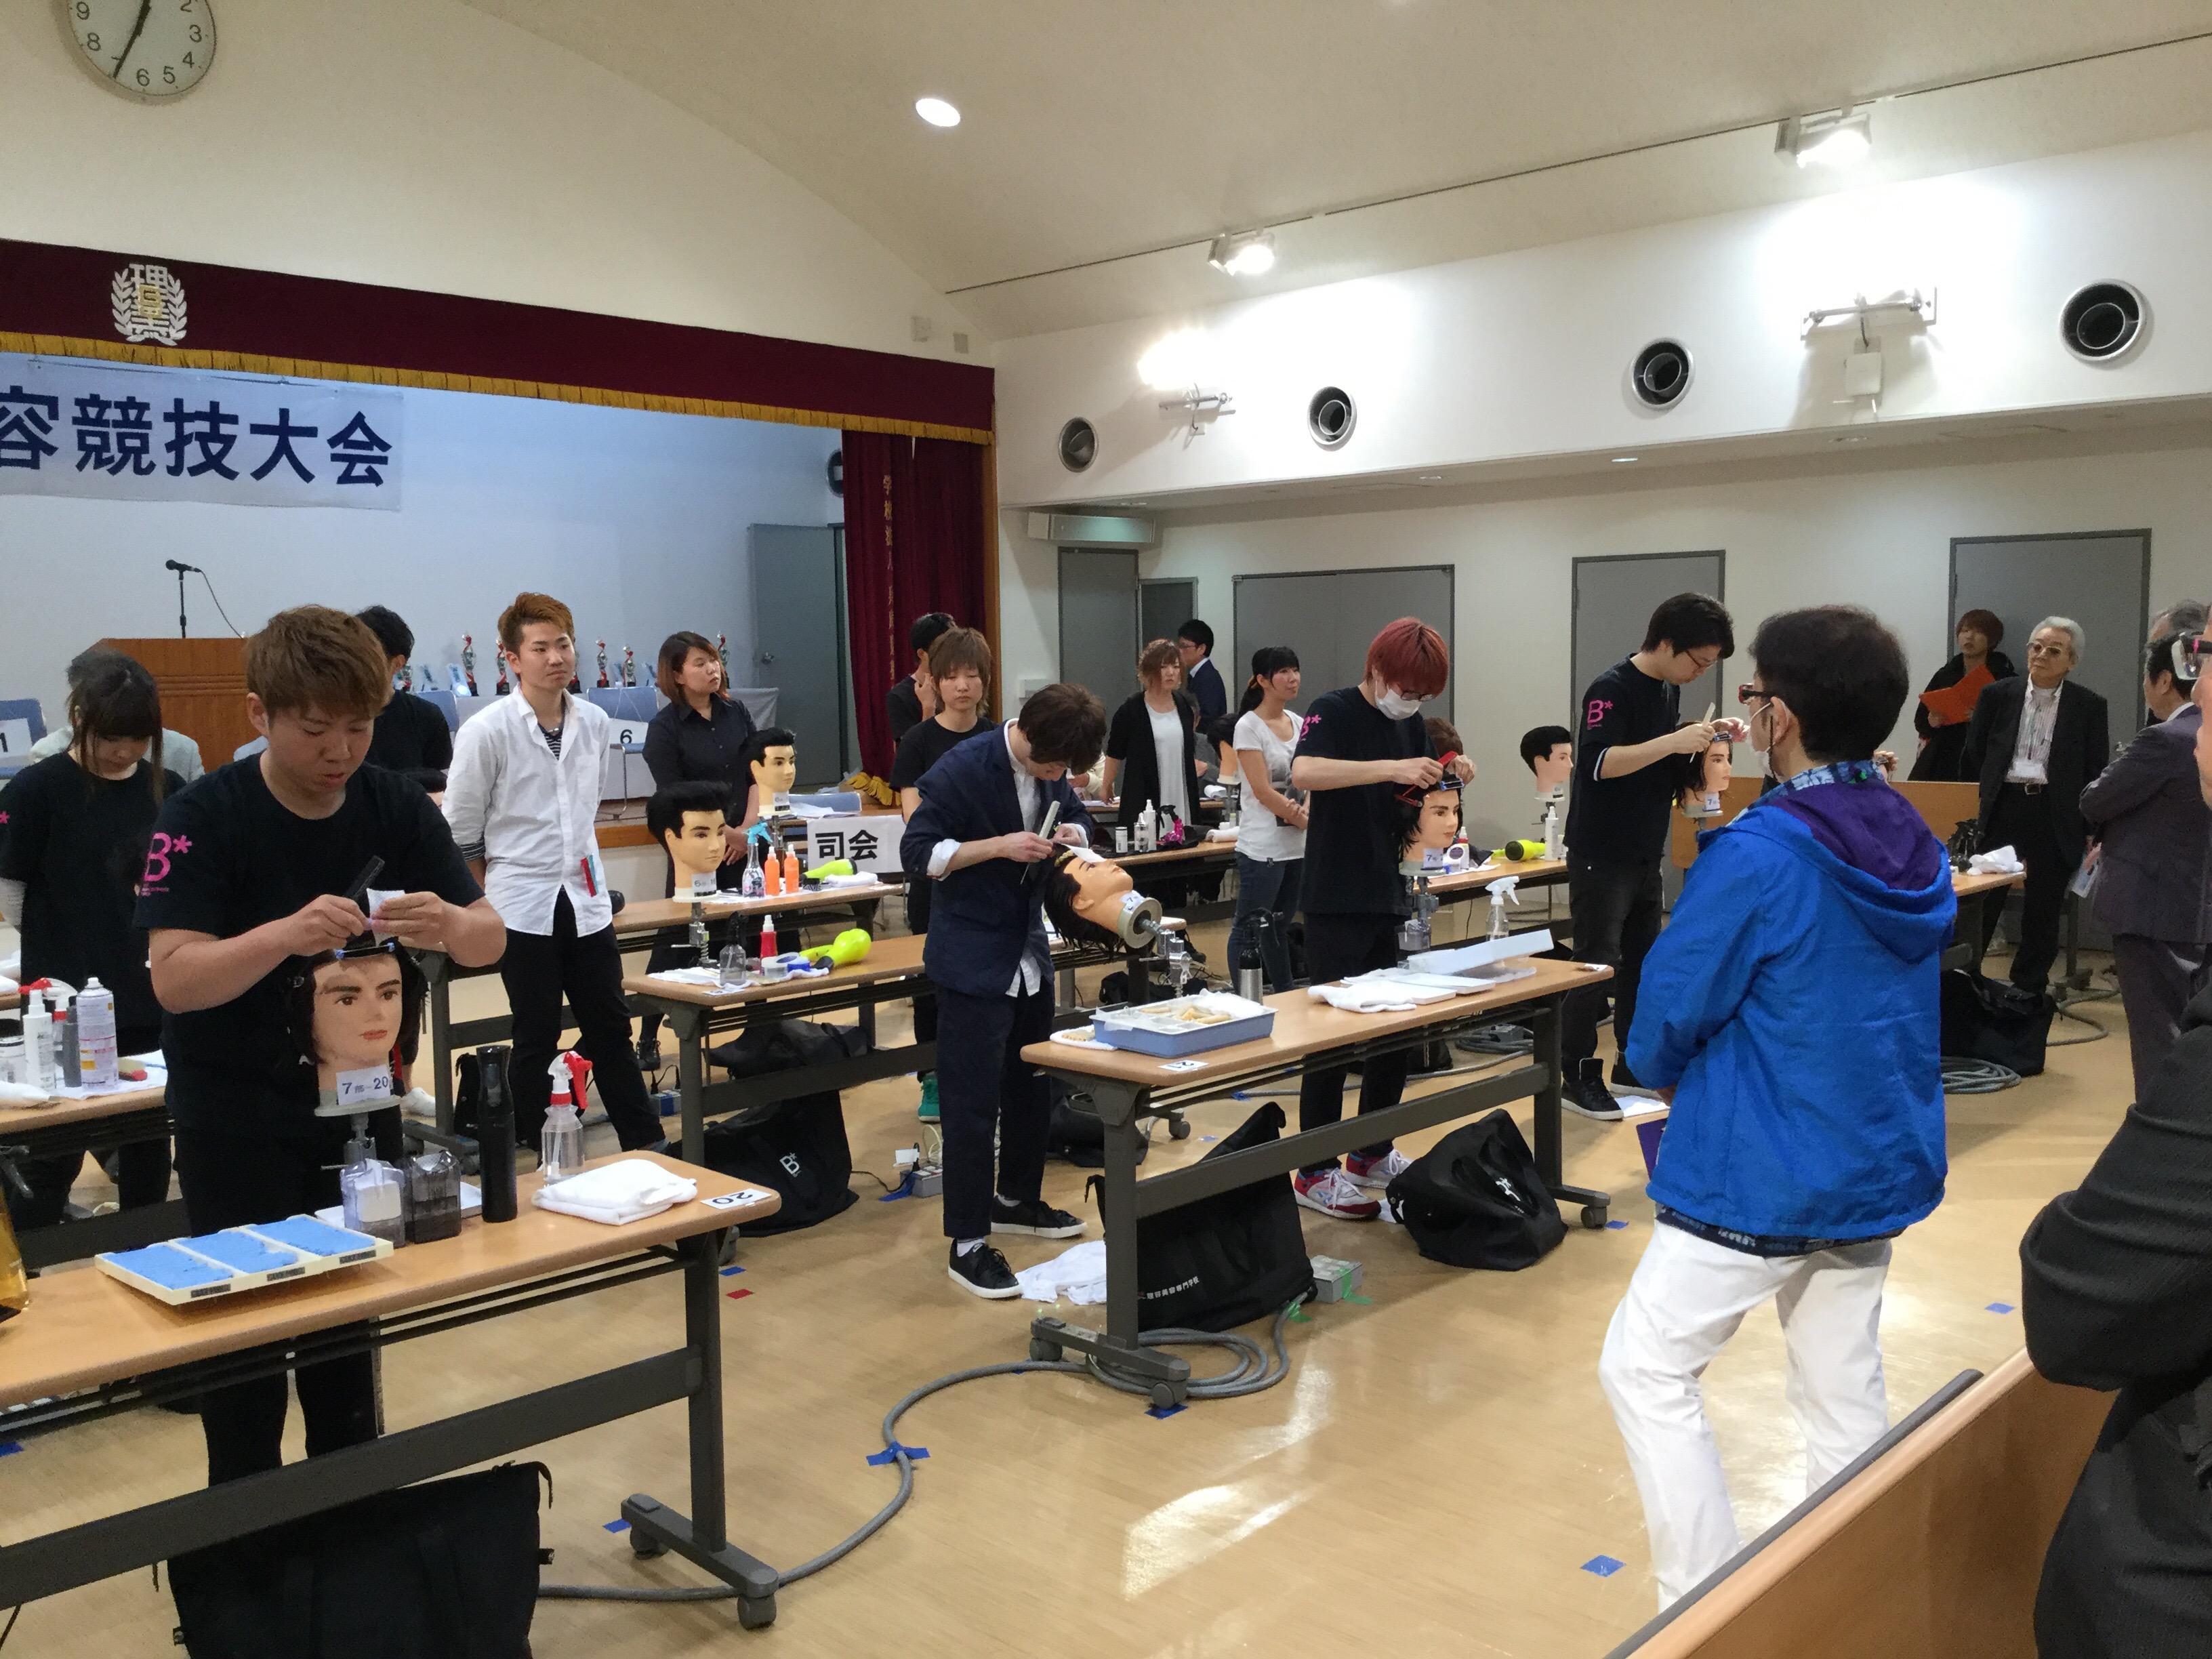 本日は兵庫県理容競技大会が行われています